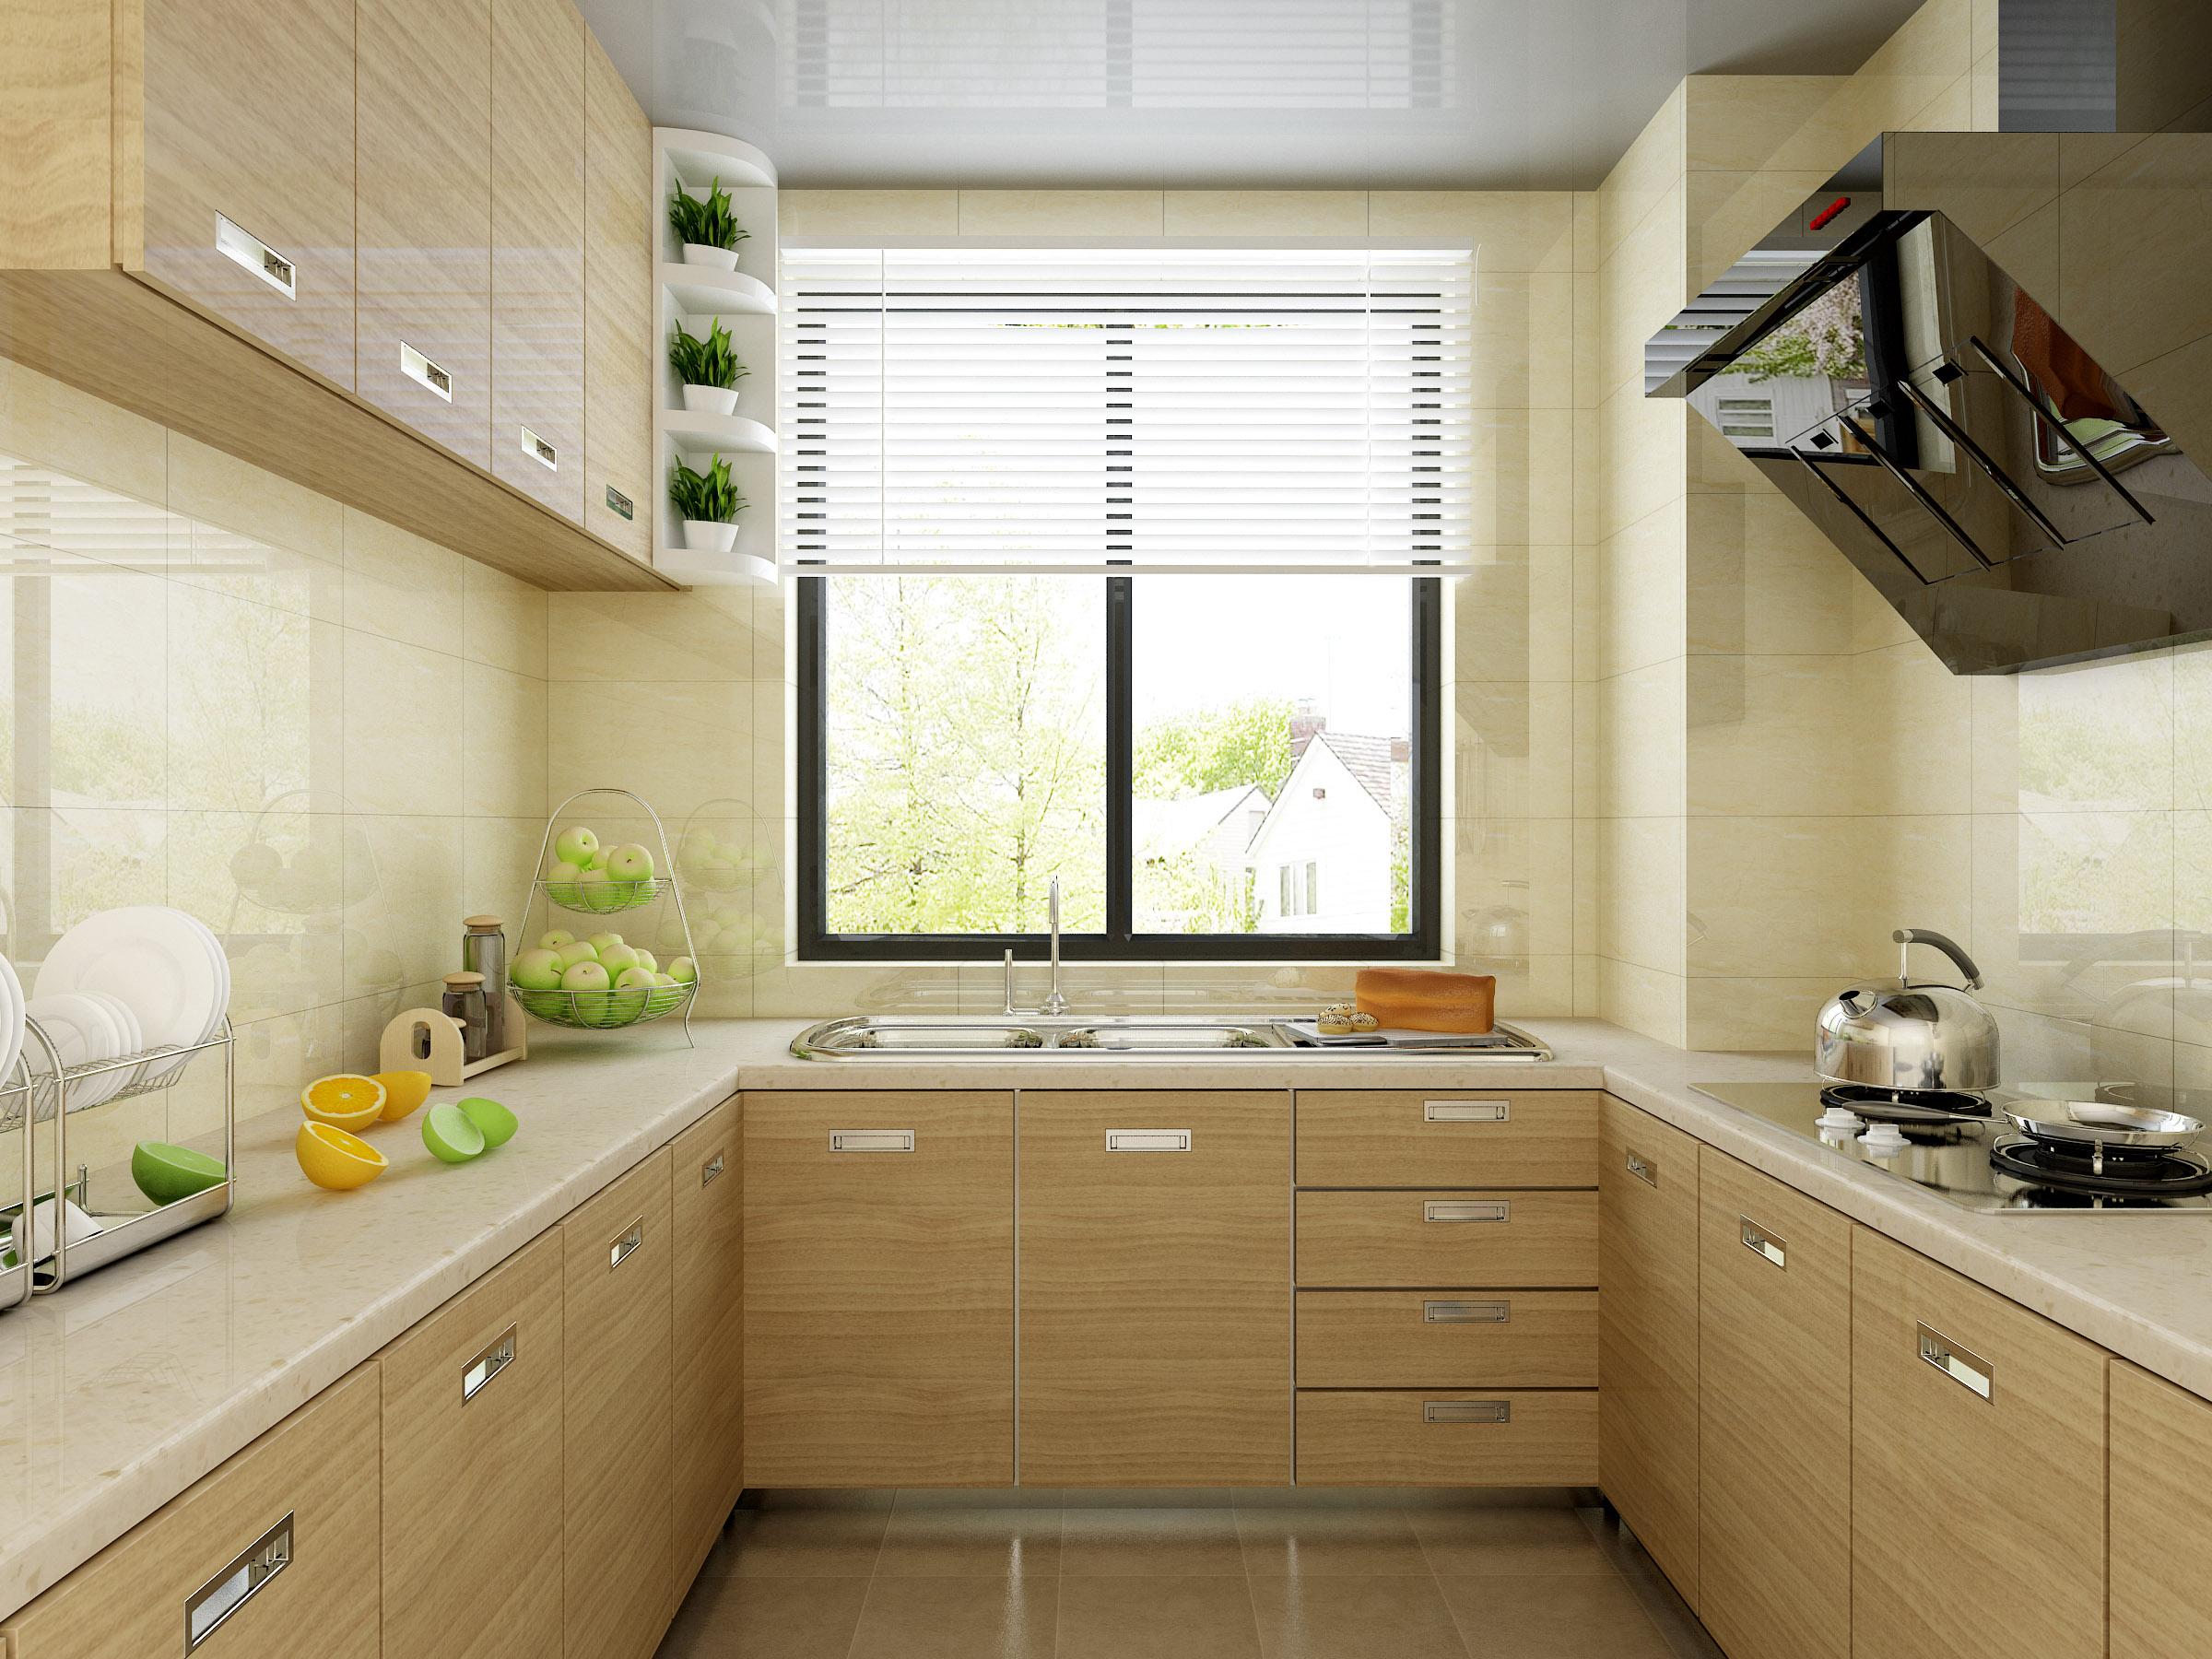 暖黄色木纹纹理橱柜门板加上白色台面